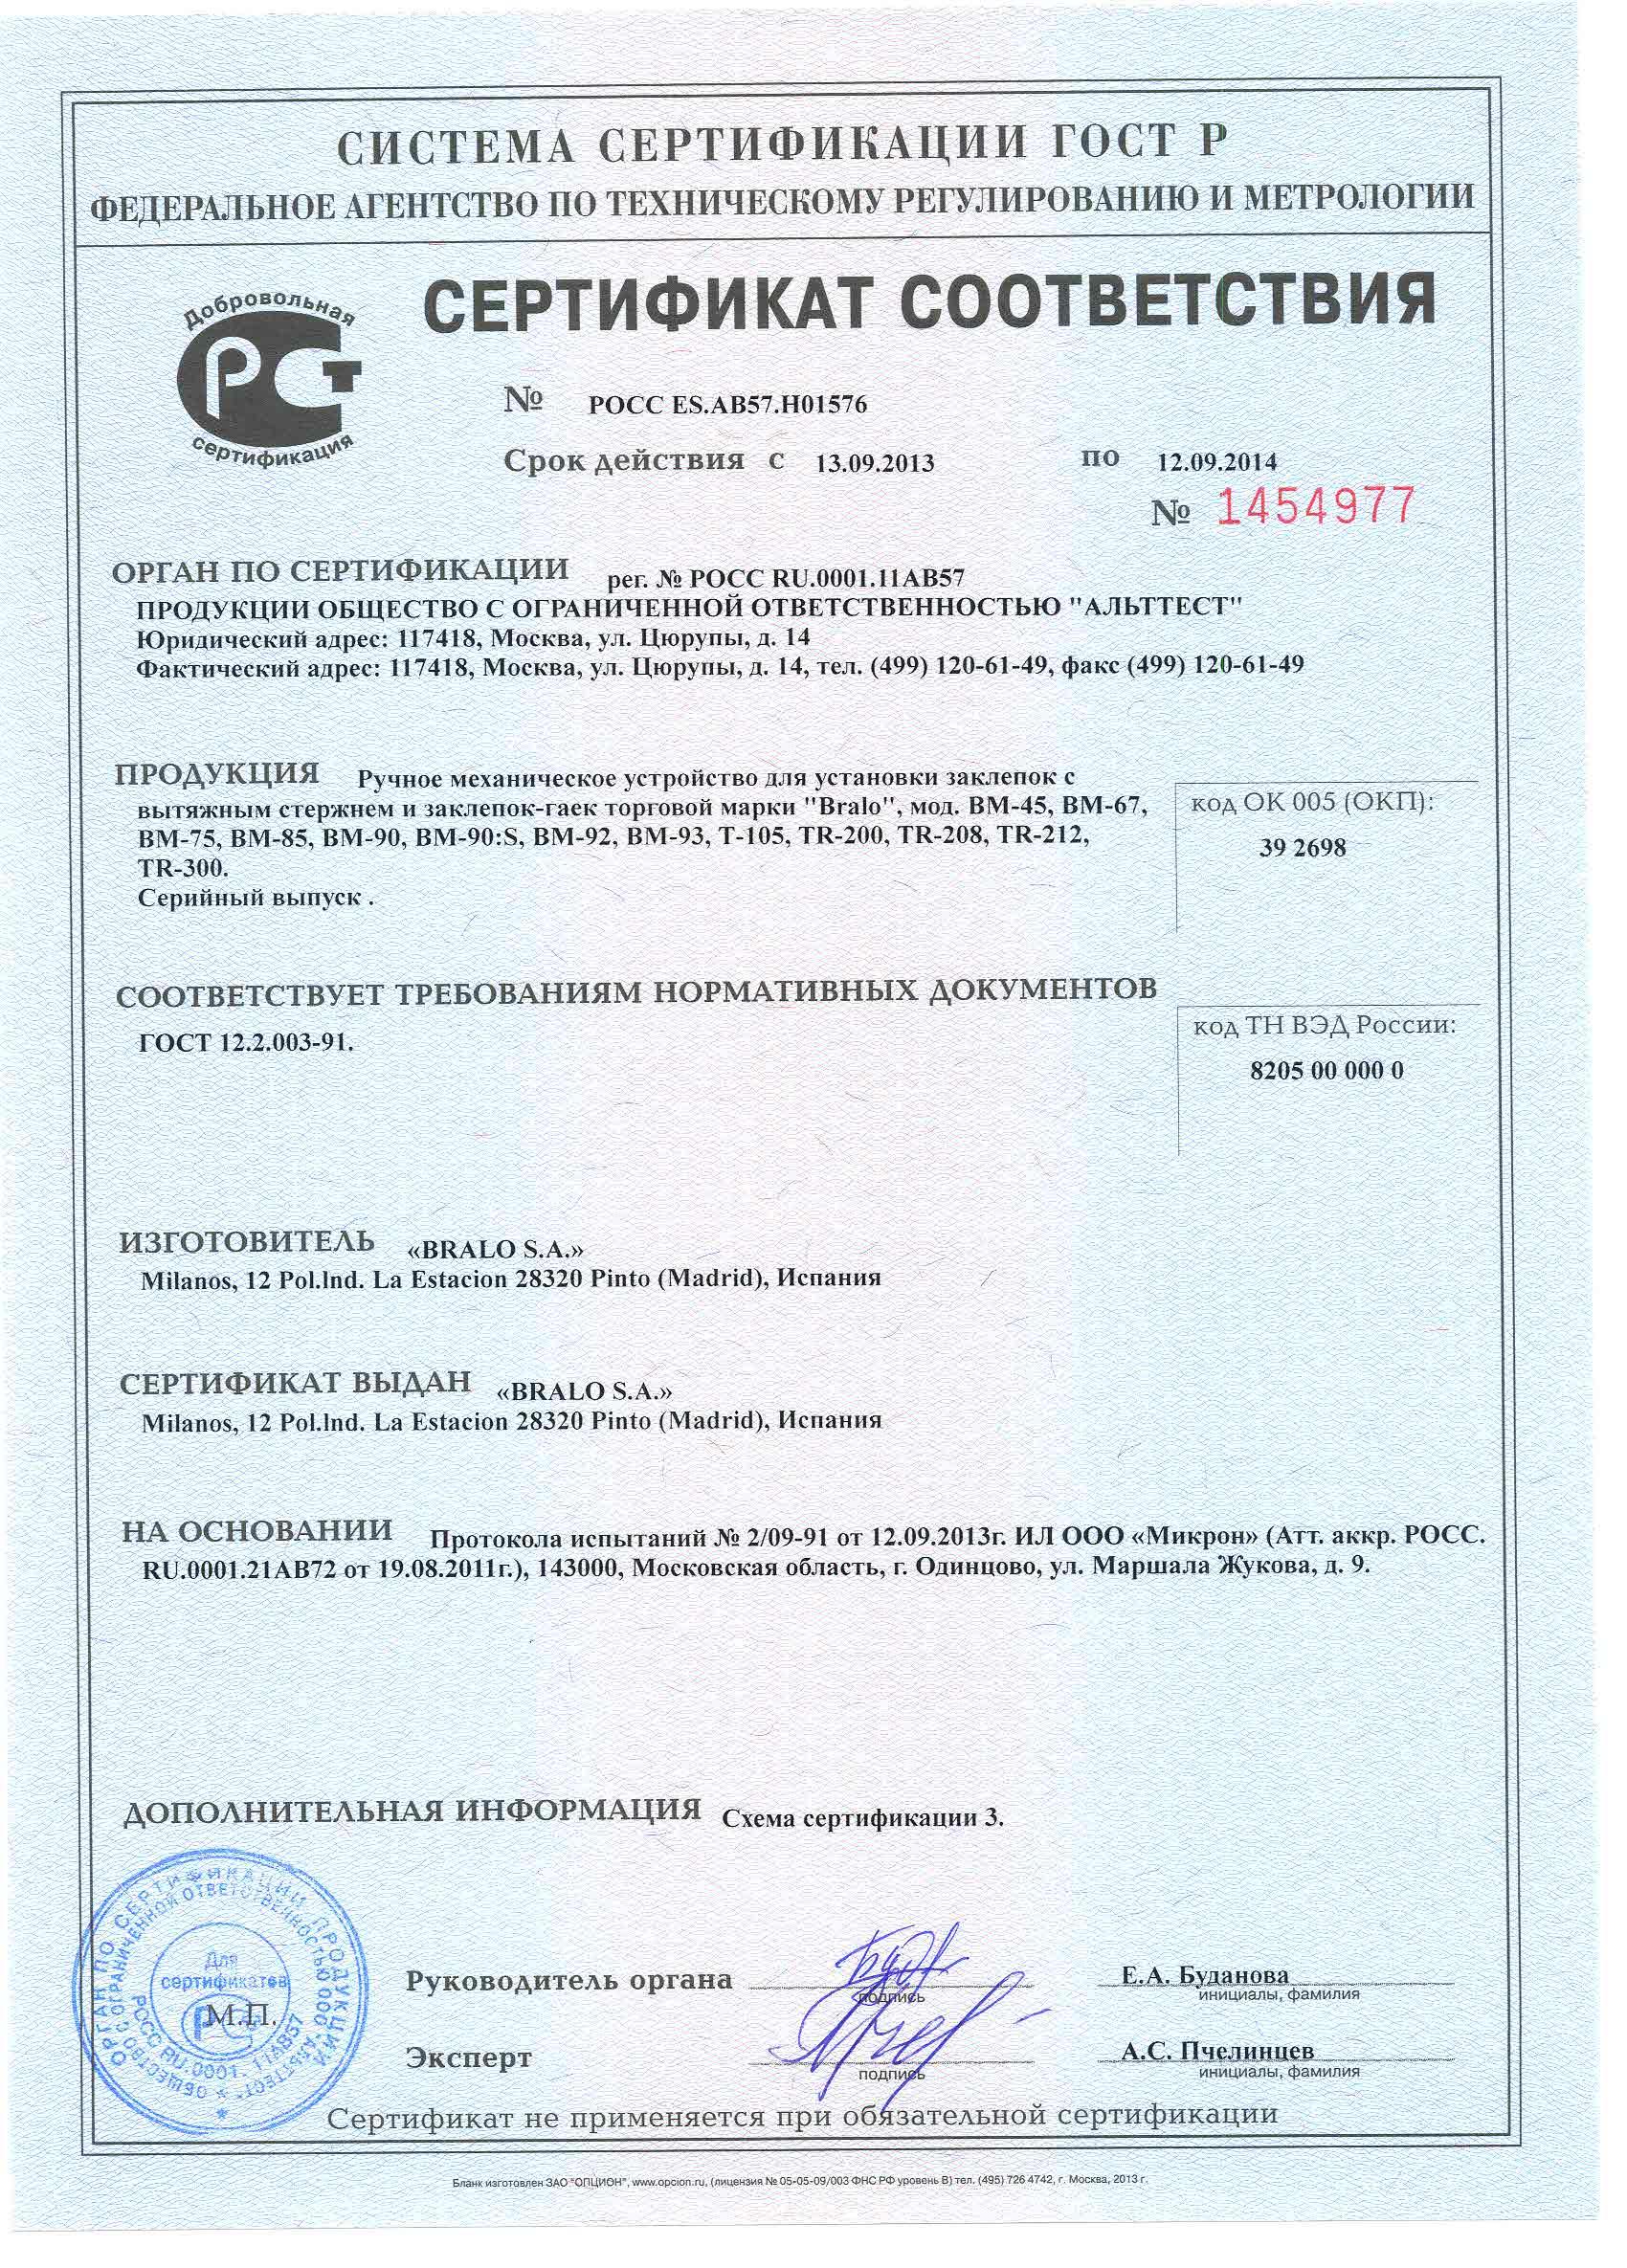 Сертификат соответствия Bralo